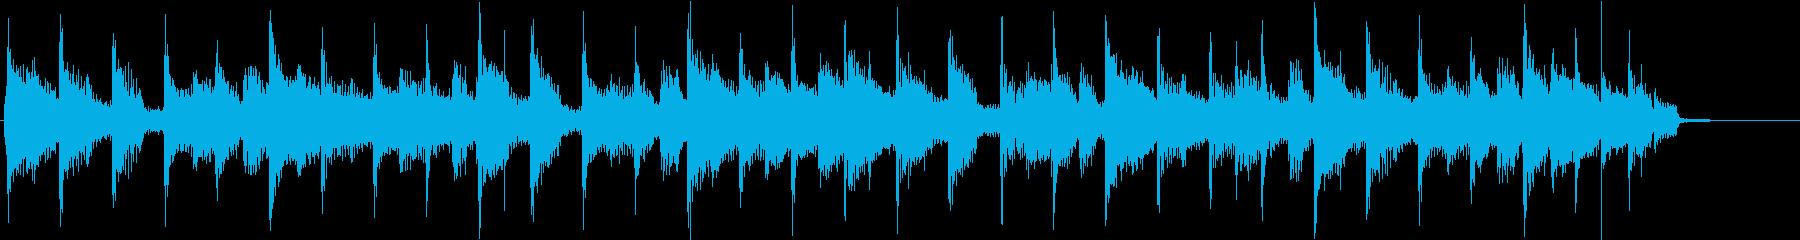 コーナータイトル_教育番組系の再生済みの波形